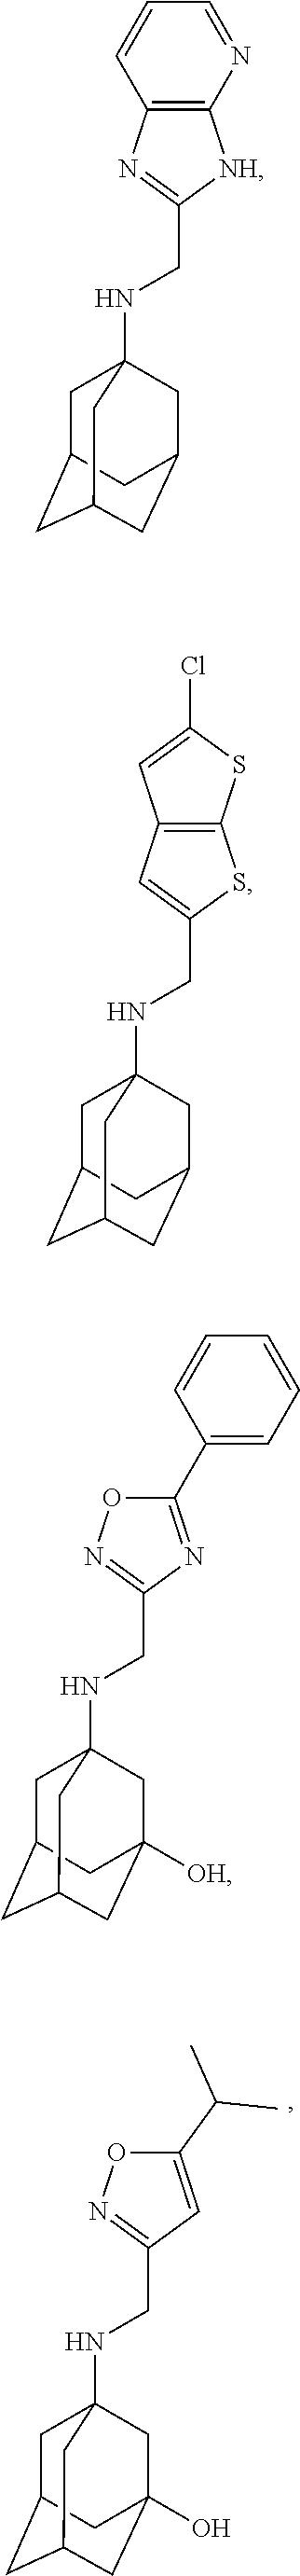 Figure US09884832-20180206-C00094